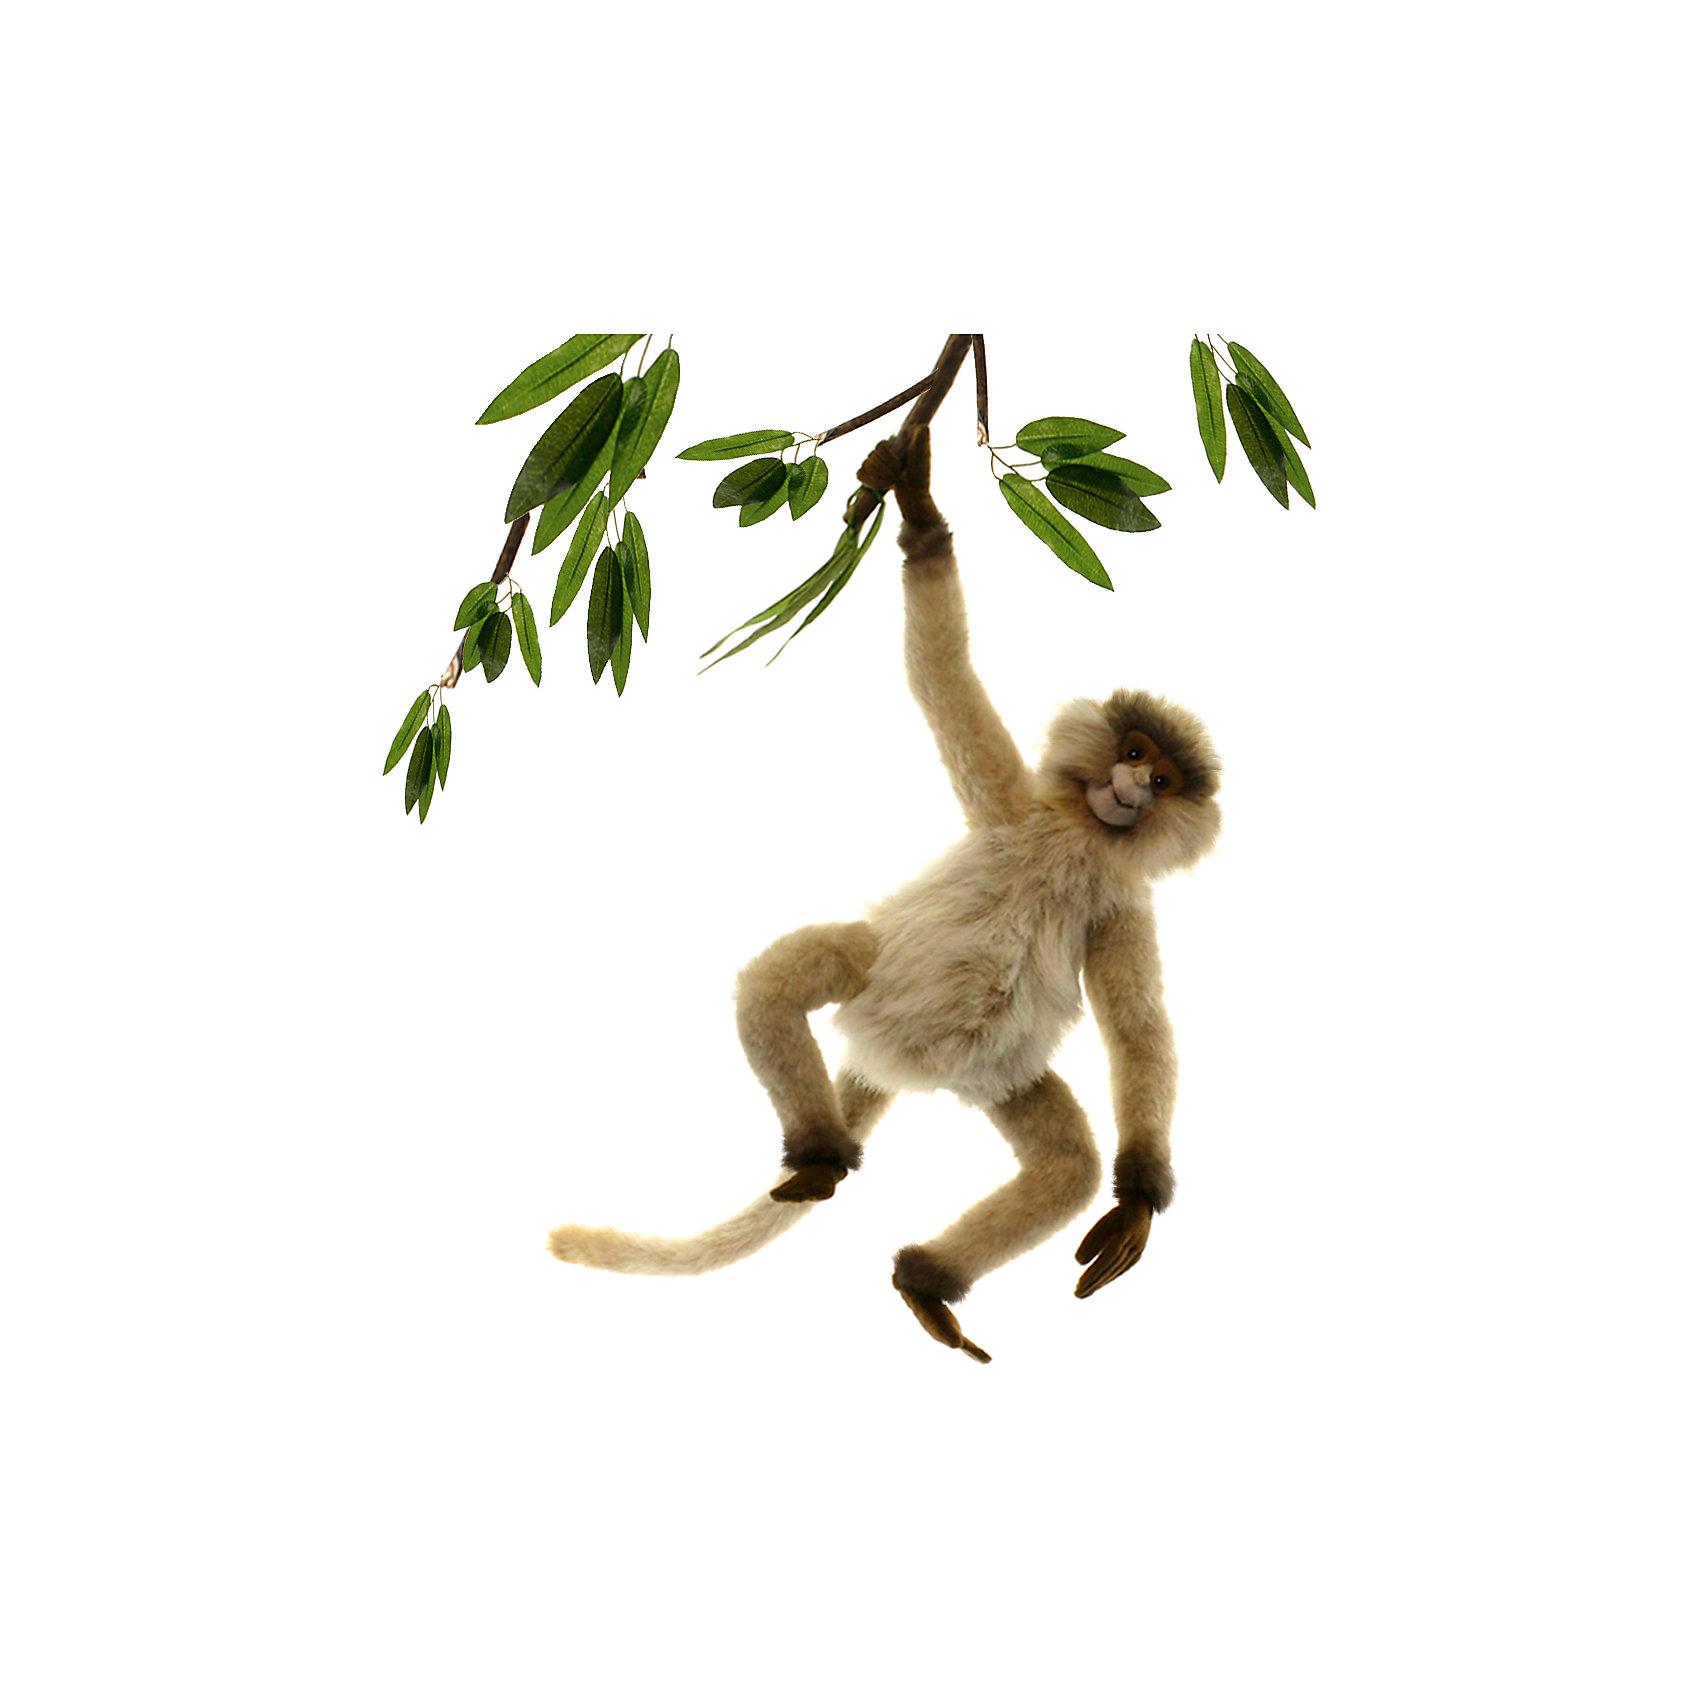 Паукообразная обезьяна, 44 смПаукообразная обезьянка, 28 см – игрушка от знаменитого бренда Hansa, специализирующегося на выпуске мягких игрушек с высокой степенью натуралистичности. Внешний вид игрушки полностью соответствует своему реальному прототипу – широконосым обезьянам. Она выполнена из искусственного меха с ворсом разной длины. Окрас игрушки полностью повторяет окраску настоящего примата: светло-коричневая шерстка на округлом теле и длинных конечностях. Использованные материалы обладают гипоаллергенными свойствами. Внутри игрушки имеется металлический каркас, позволяющий изменять положение. <br>Игрушка относится к серии Дикие животные. <br>Мягкие игрушки от Hansa подходят для сюжетно-ролевых игр, для обучающих игр, направленных на знакомство с животным миром дикой природы. Кроме того, их можно использовать в качестве интерьерных игрушек. Коллекция из нескольких игрушек позволяет создать свой домашний зоопарк, который будет радовать вашего ребенка долгое время, так как ручная работа и качественные материалы гарантируют их долговечность и прочность.<br><br>Дополнительная информация:<br><br>- Вид игр: сюжетно-ролевые игры, коллекционирование, интерьерные игрушки<br>- Предназначение: для дома, для детских развивающих центров, для детских садов<br>- Материал: искусственный мех, наполнитель ? полиэфирное волокно<br>- Размер (ДхШхВ): 24*27*24 см<br>- Вес: 370 г<br>- Особенности ухода: сухая чистка при помощи пылесоса или щетки для одежды<br><br>Подробнее:<br><br>• Для детей в возрасте: от 3 лет <br>• Страна производитель: Филиппины<br>• Торговый бренд: Hansa<br><br>Паукообразную обезьянку, 28 см  можно купить в нашем интернет-магазине.<br><br>Ширина мм: 24<br>Глубина мм: 27<br>Высота мм: 24<br>Вес г: 370<br>Возраст от месяцев: 36<br>Возраст до месяцев: 2147483647<br>Пол: Унисекс<br>Возраст: Детский<br>SKU: 4927168